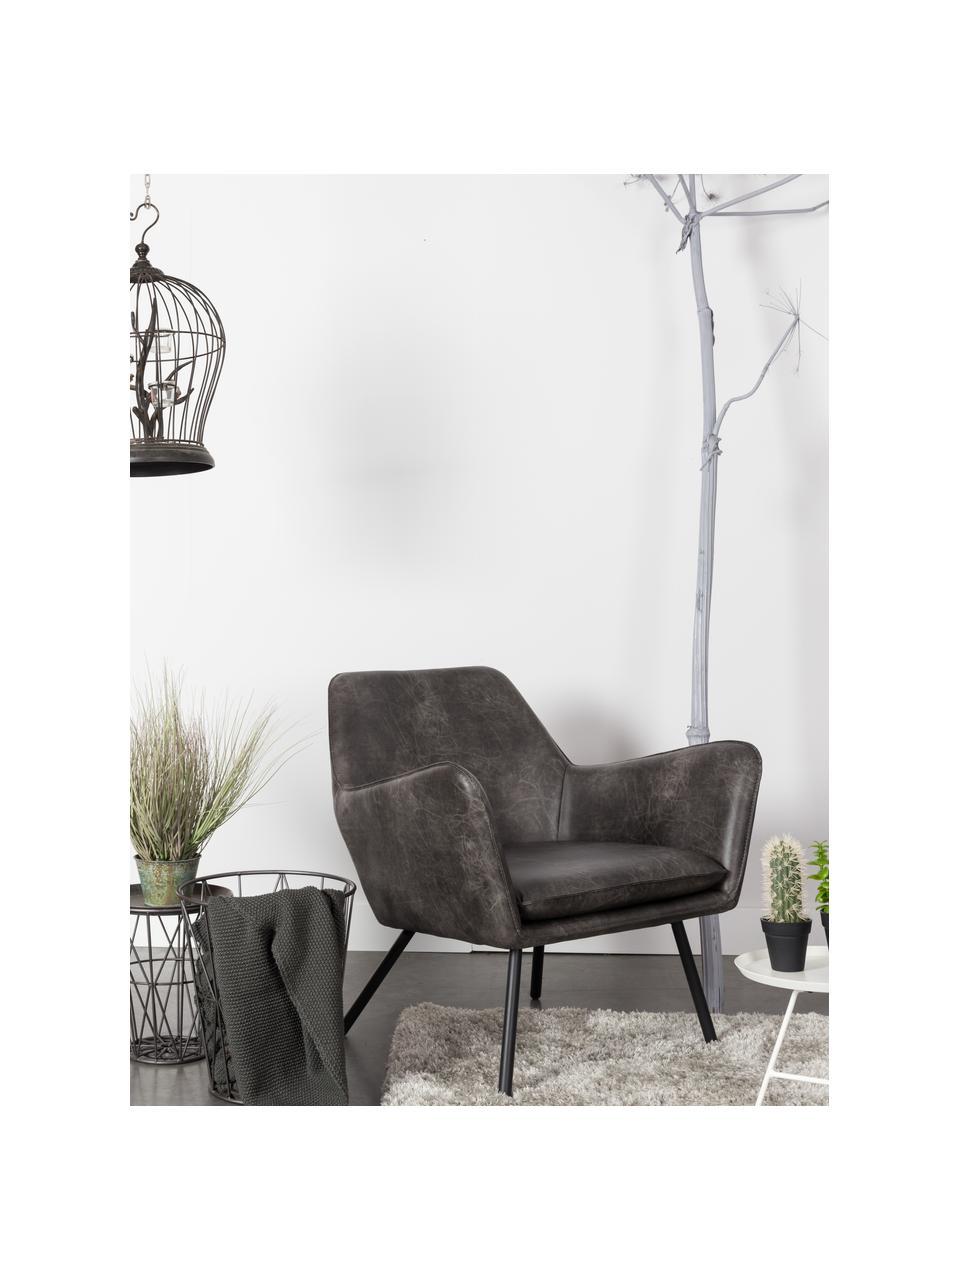 Kunstleren lounge fauteuil Bon in industrieel design, Bekleding: kunstleer (64% polyuretha, Poten: gelakt metaal, Kunstleer donkergrijs, B 80 x D 76 cm